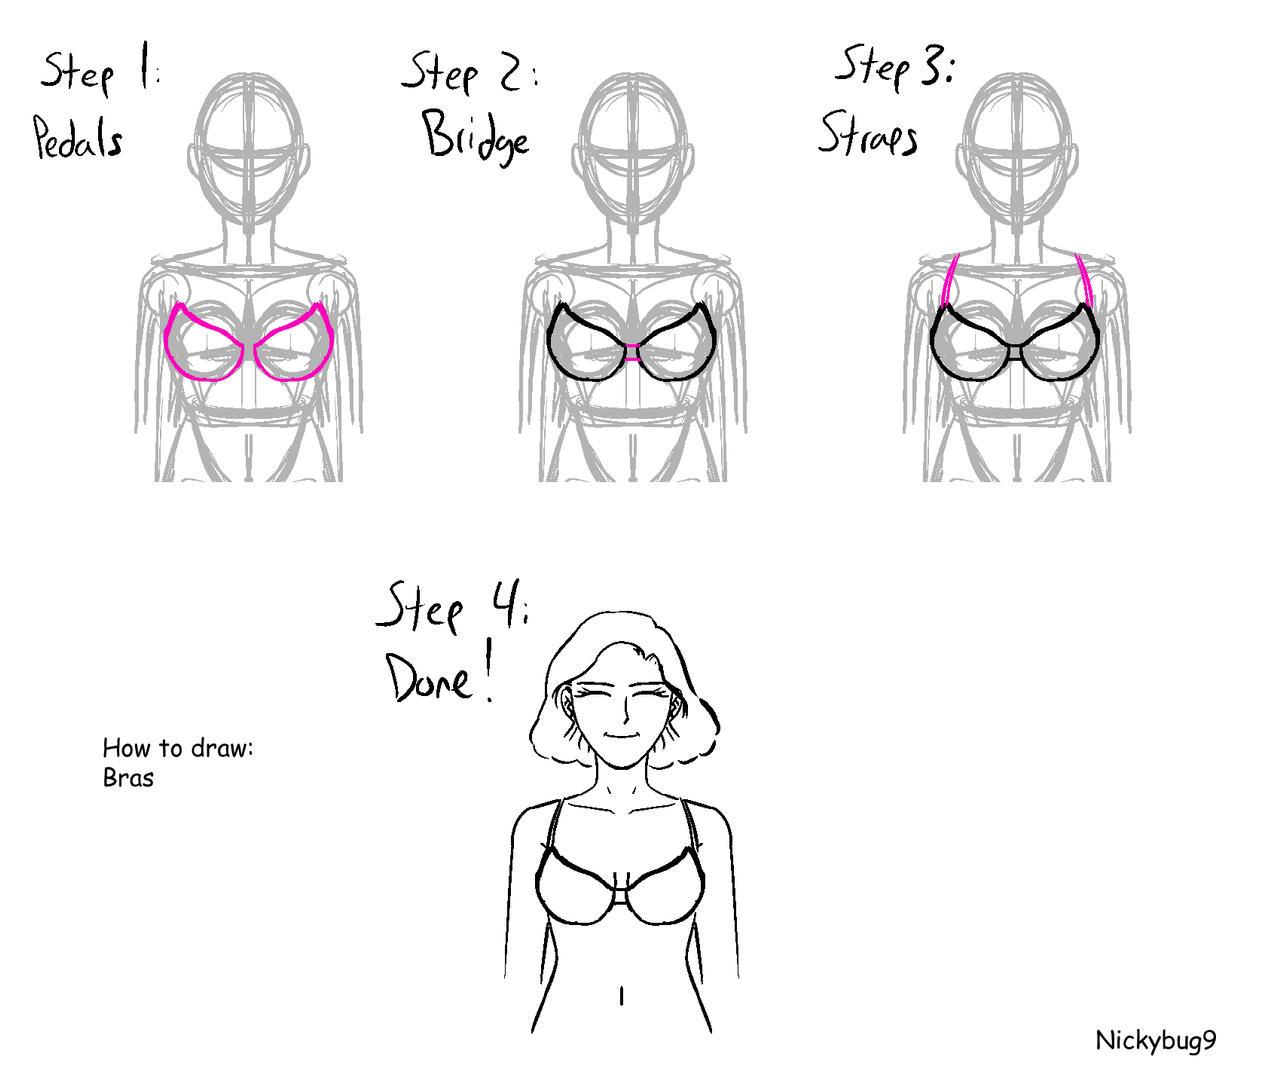 How to draw a Bra: Step-By-Step